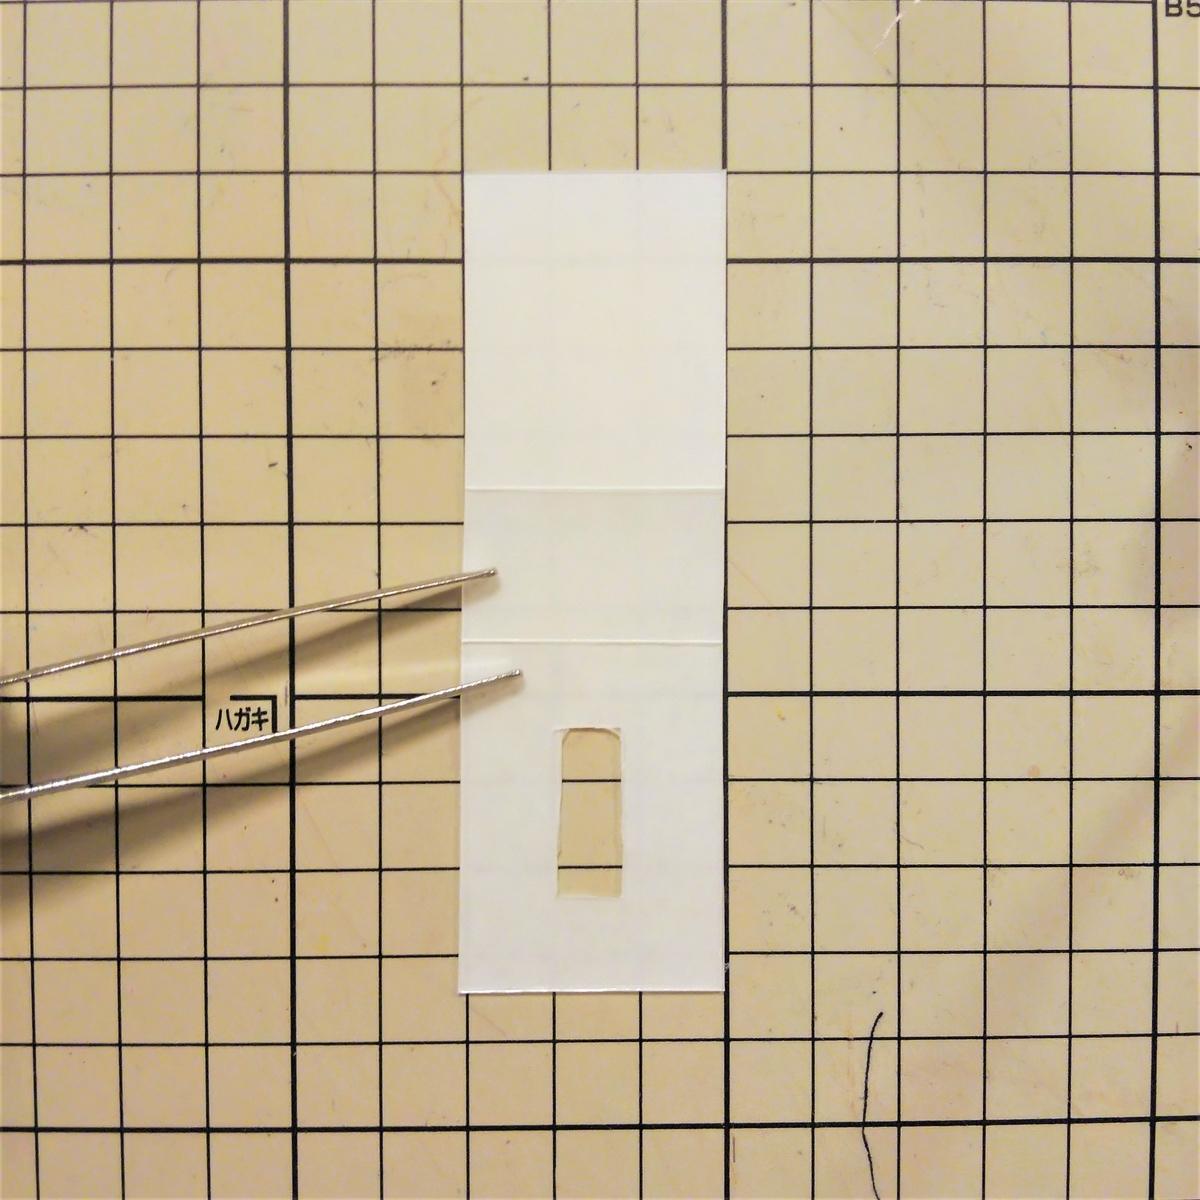 プラバン時計⑤ フックかけを作る